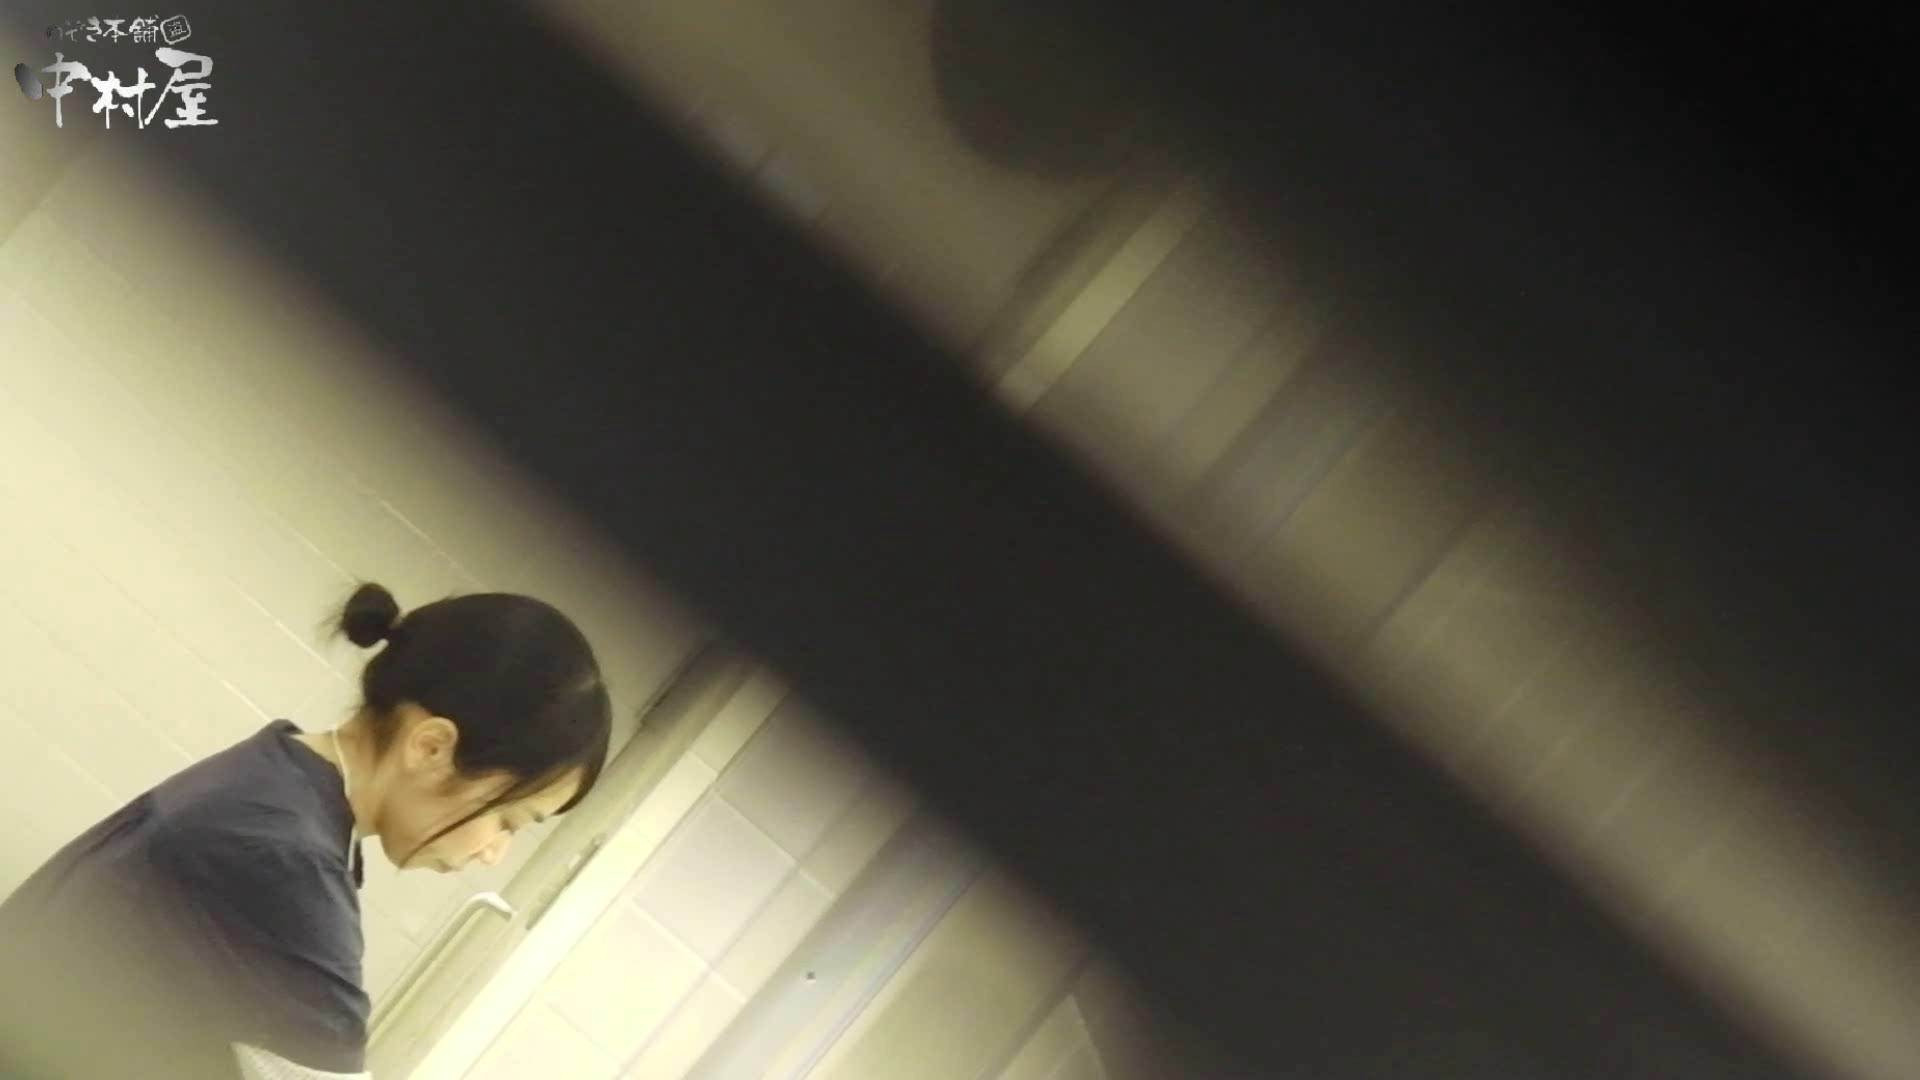 vol.31 命がけ潜伏洗面所! 半出しして諦めるポニテさん後編 洗面所突入 | 潜入突撃  89pic 45